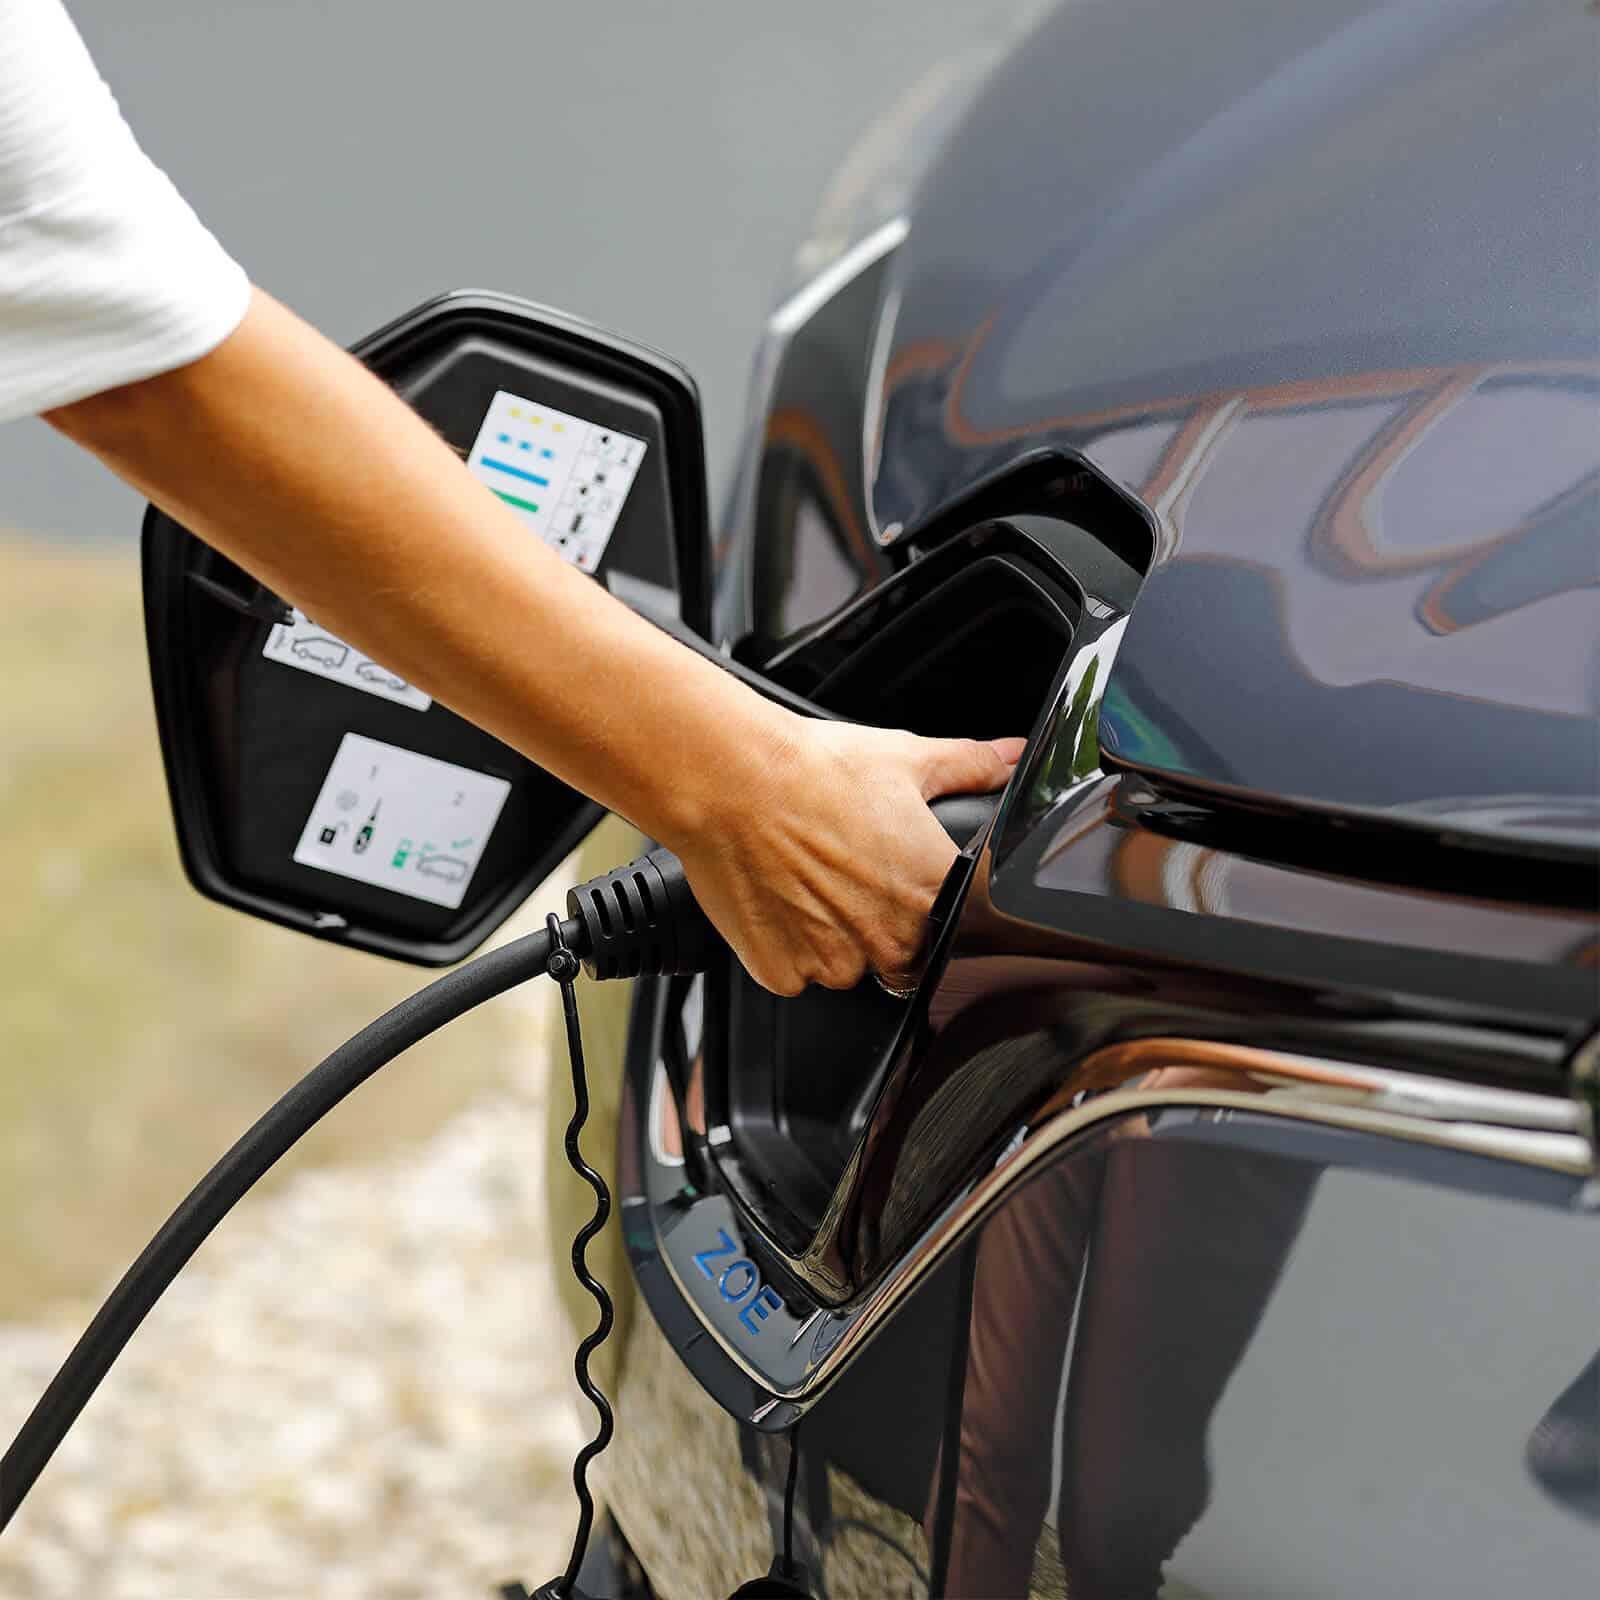 wallbe LEO 11kw elektromos autó töltő, type 2 kábel 5 méter, Plug & Charge